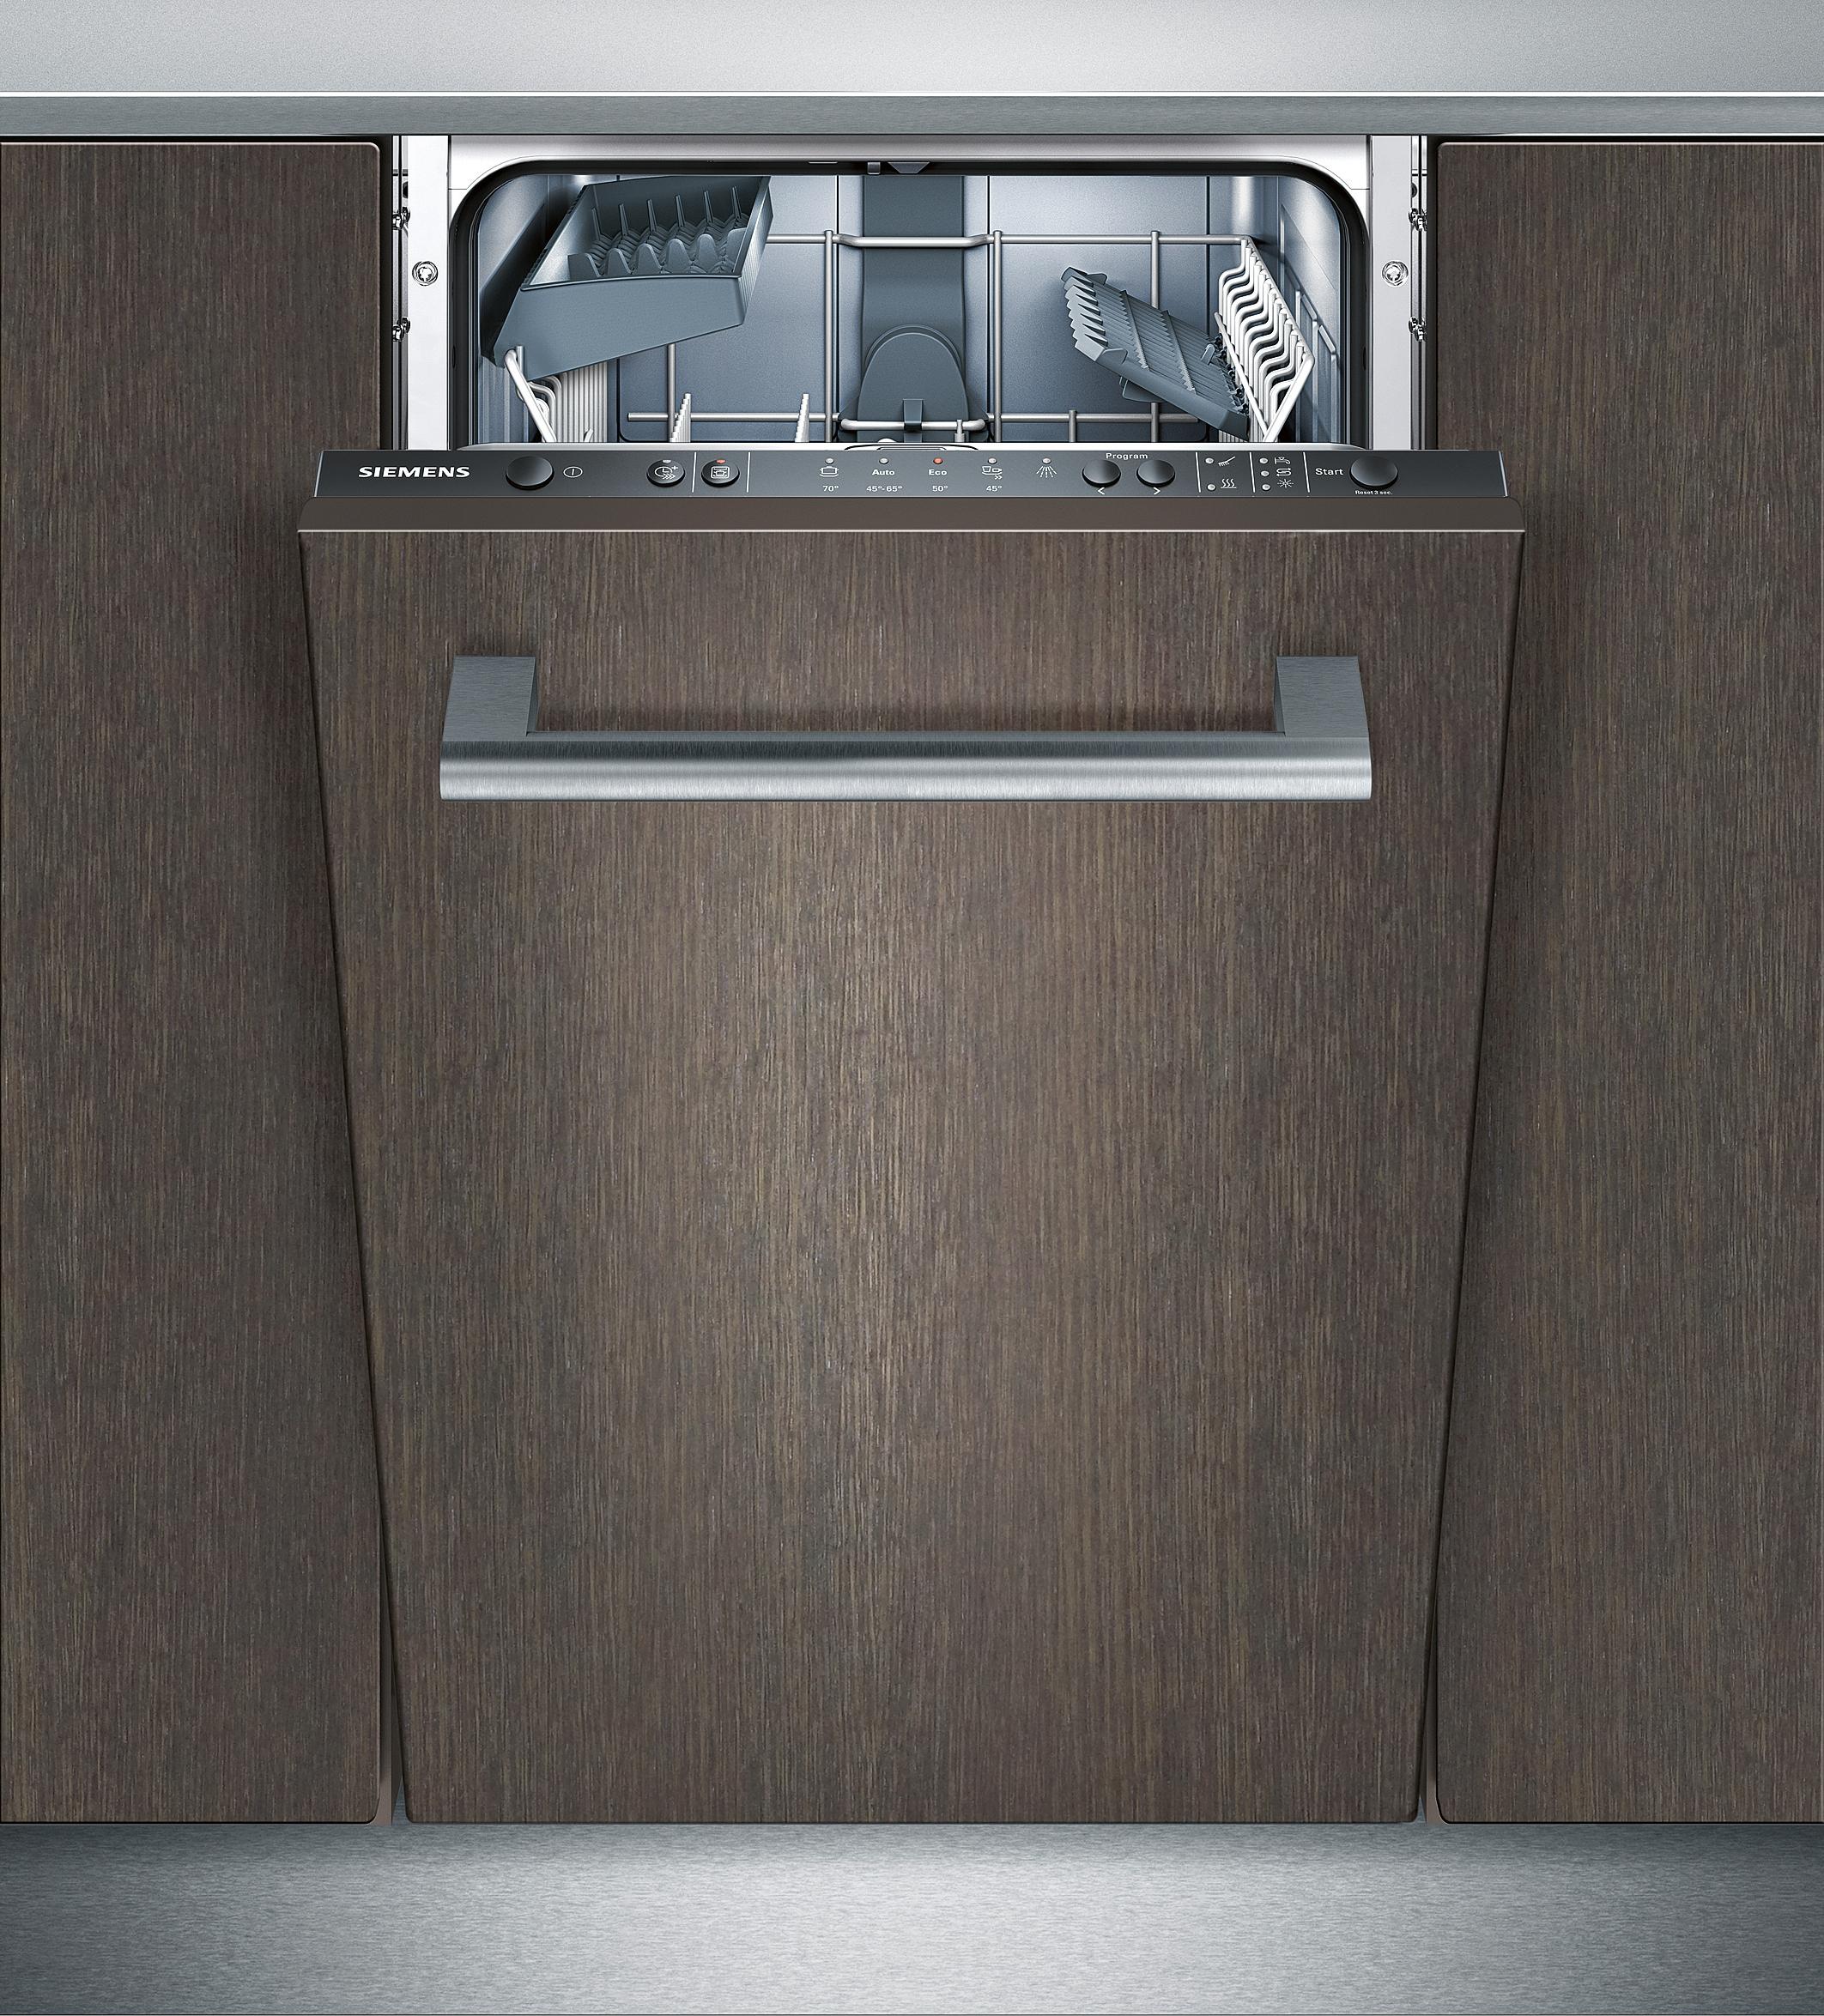 geschirrsp ler sr65e007eu speedmatic45 geschirrsp ler 45 cm vollintegrierbar. Black Bedroom Furniture Sets. Home Design Ideas